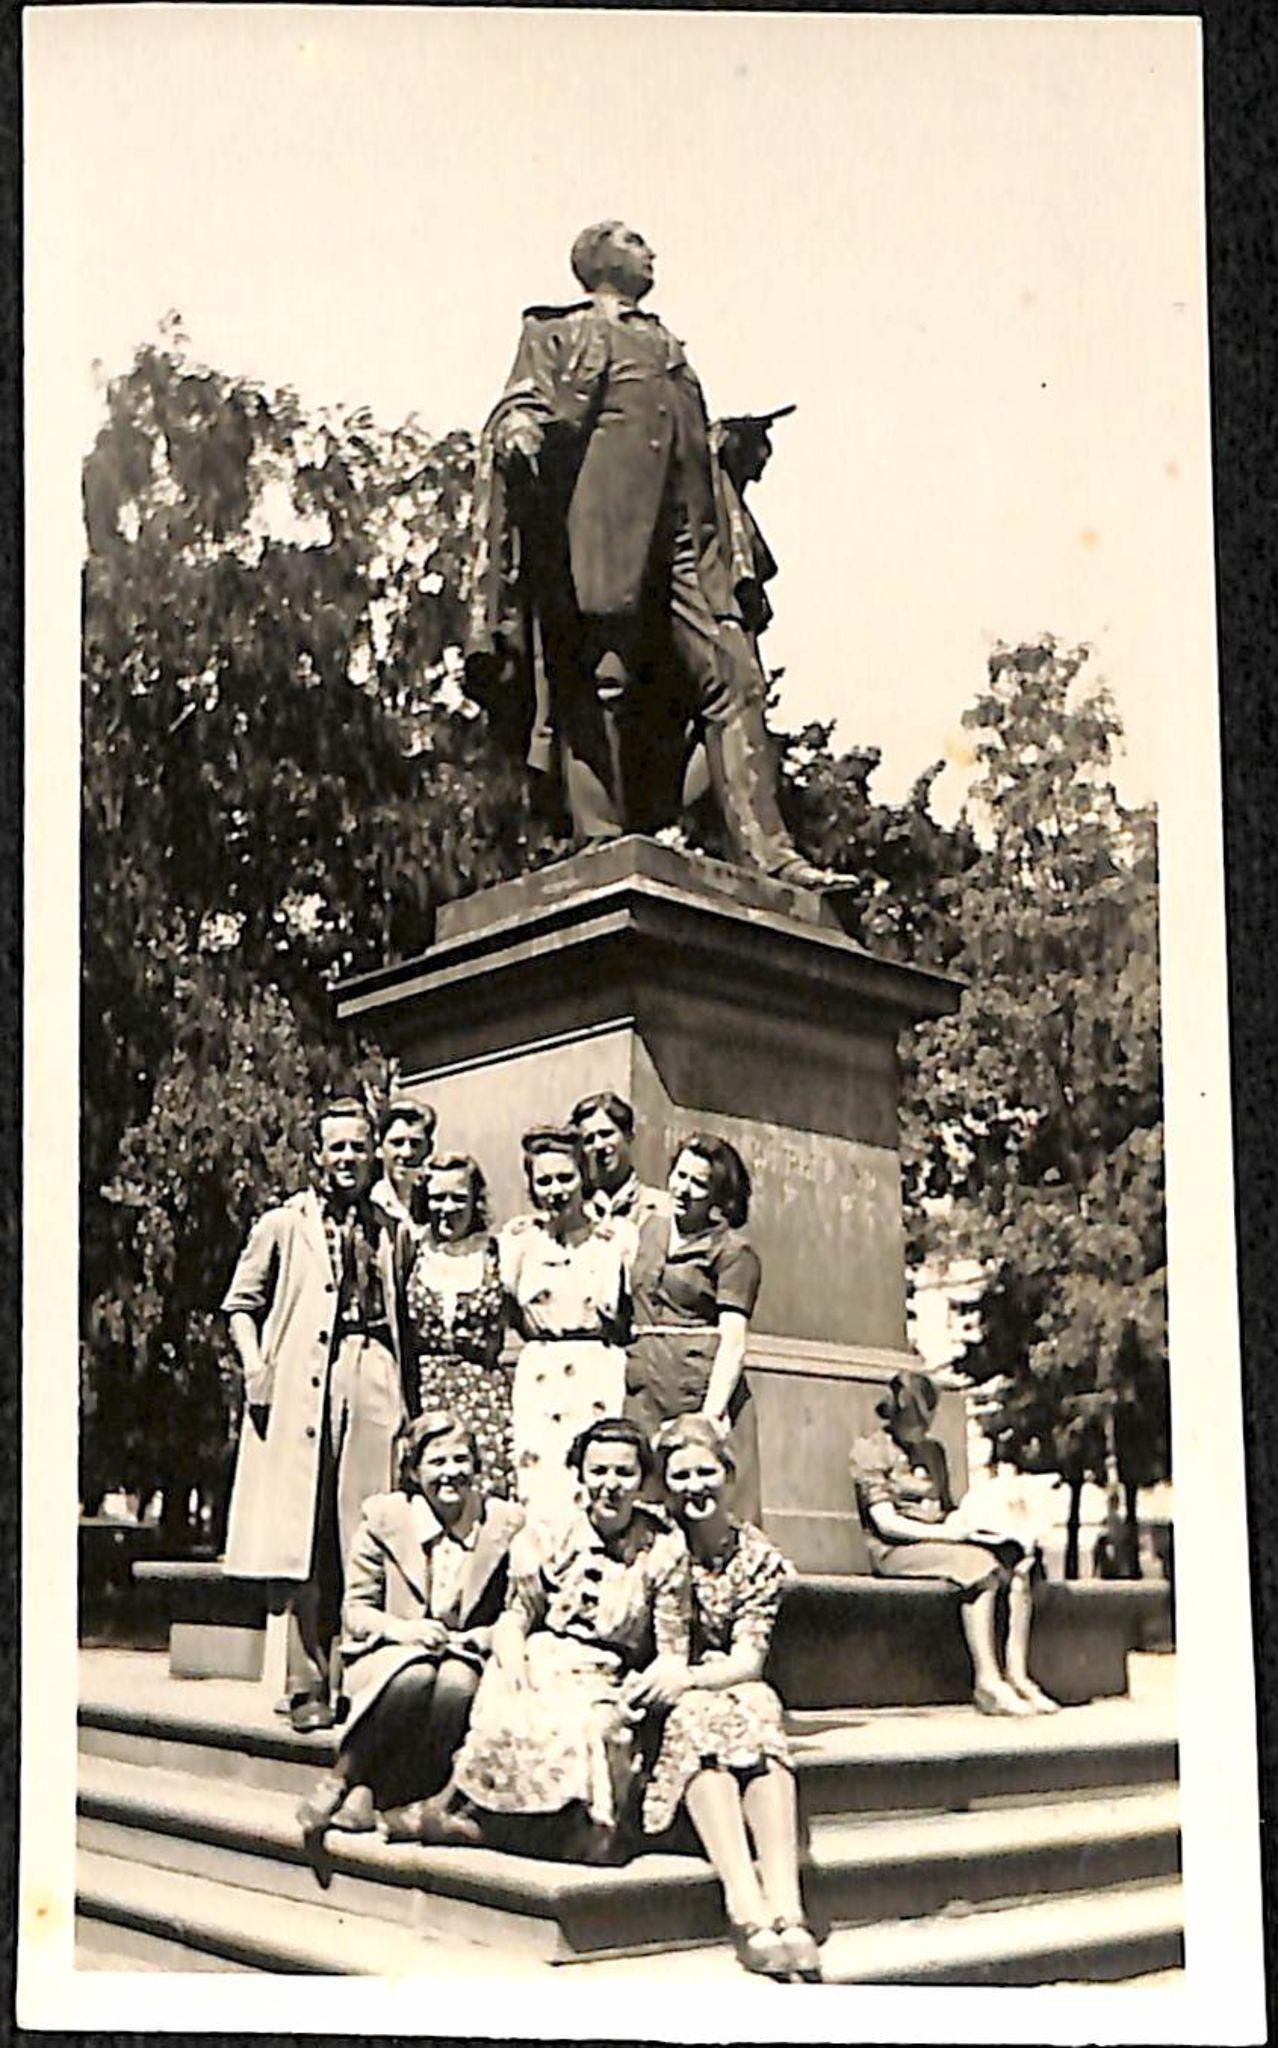 HL, Maier, Ruth, U, 1939